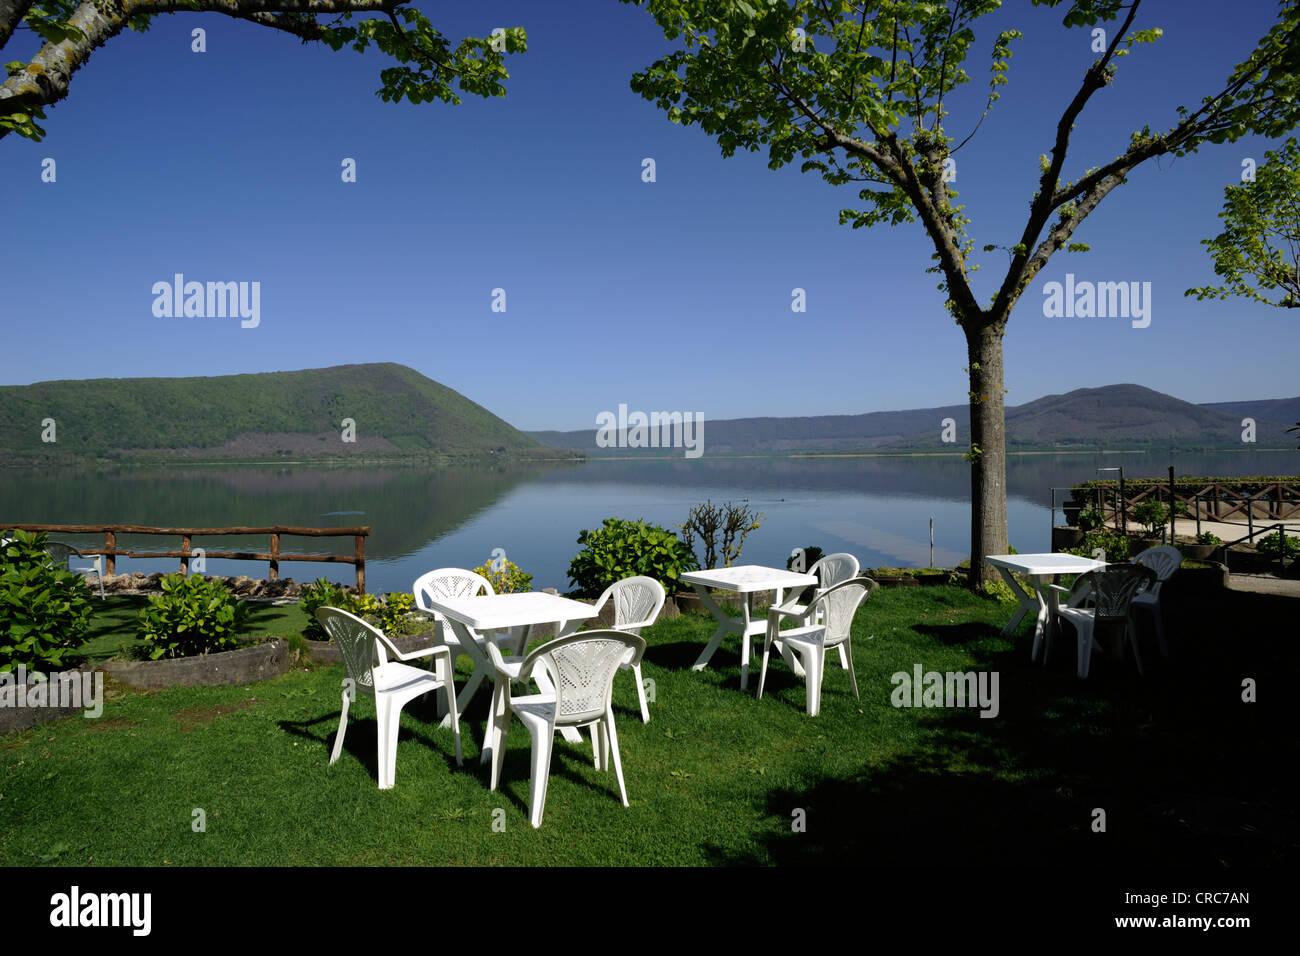 Italia, Lazio, Vico lago, Lakeside Café Imagen De Stock